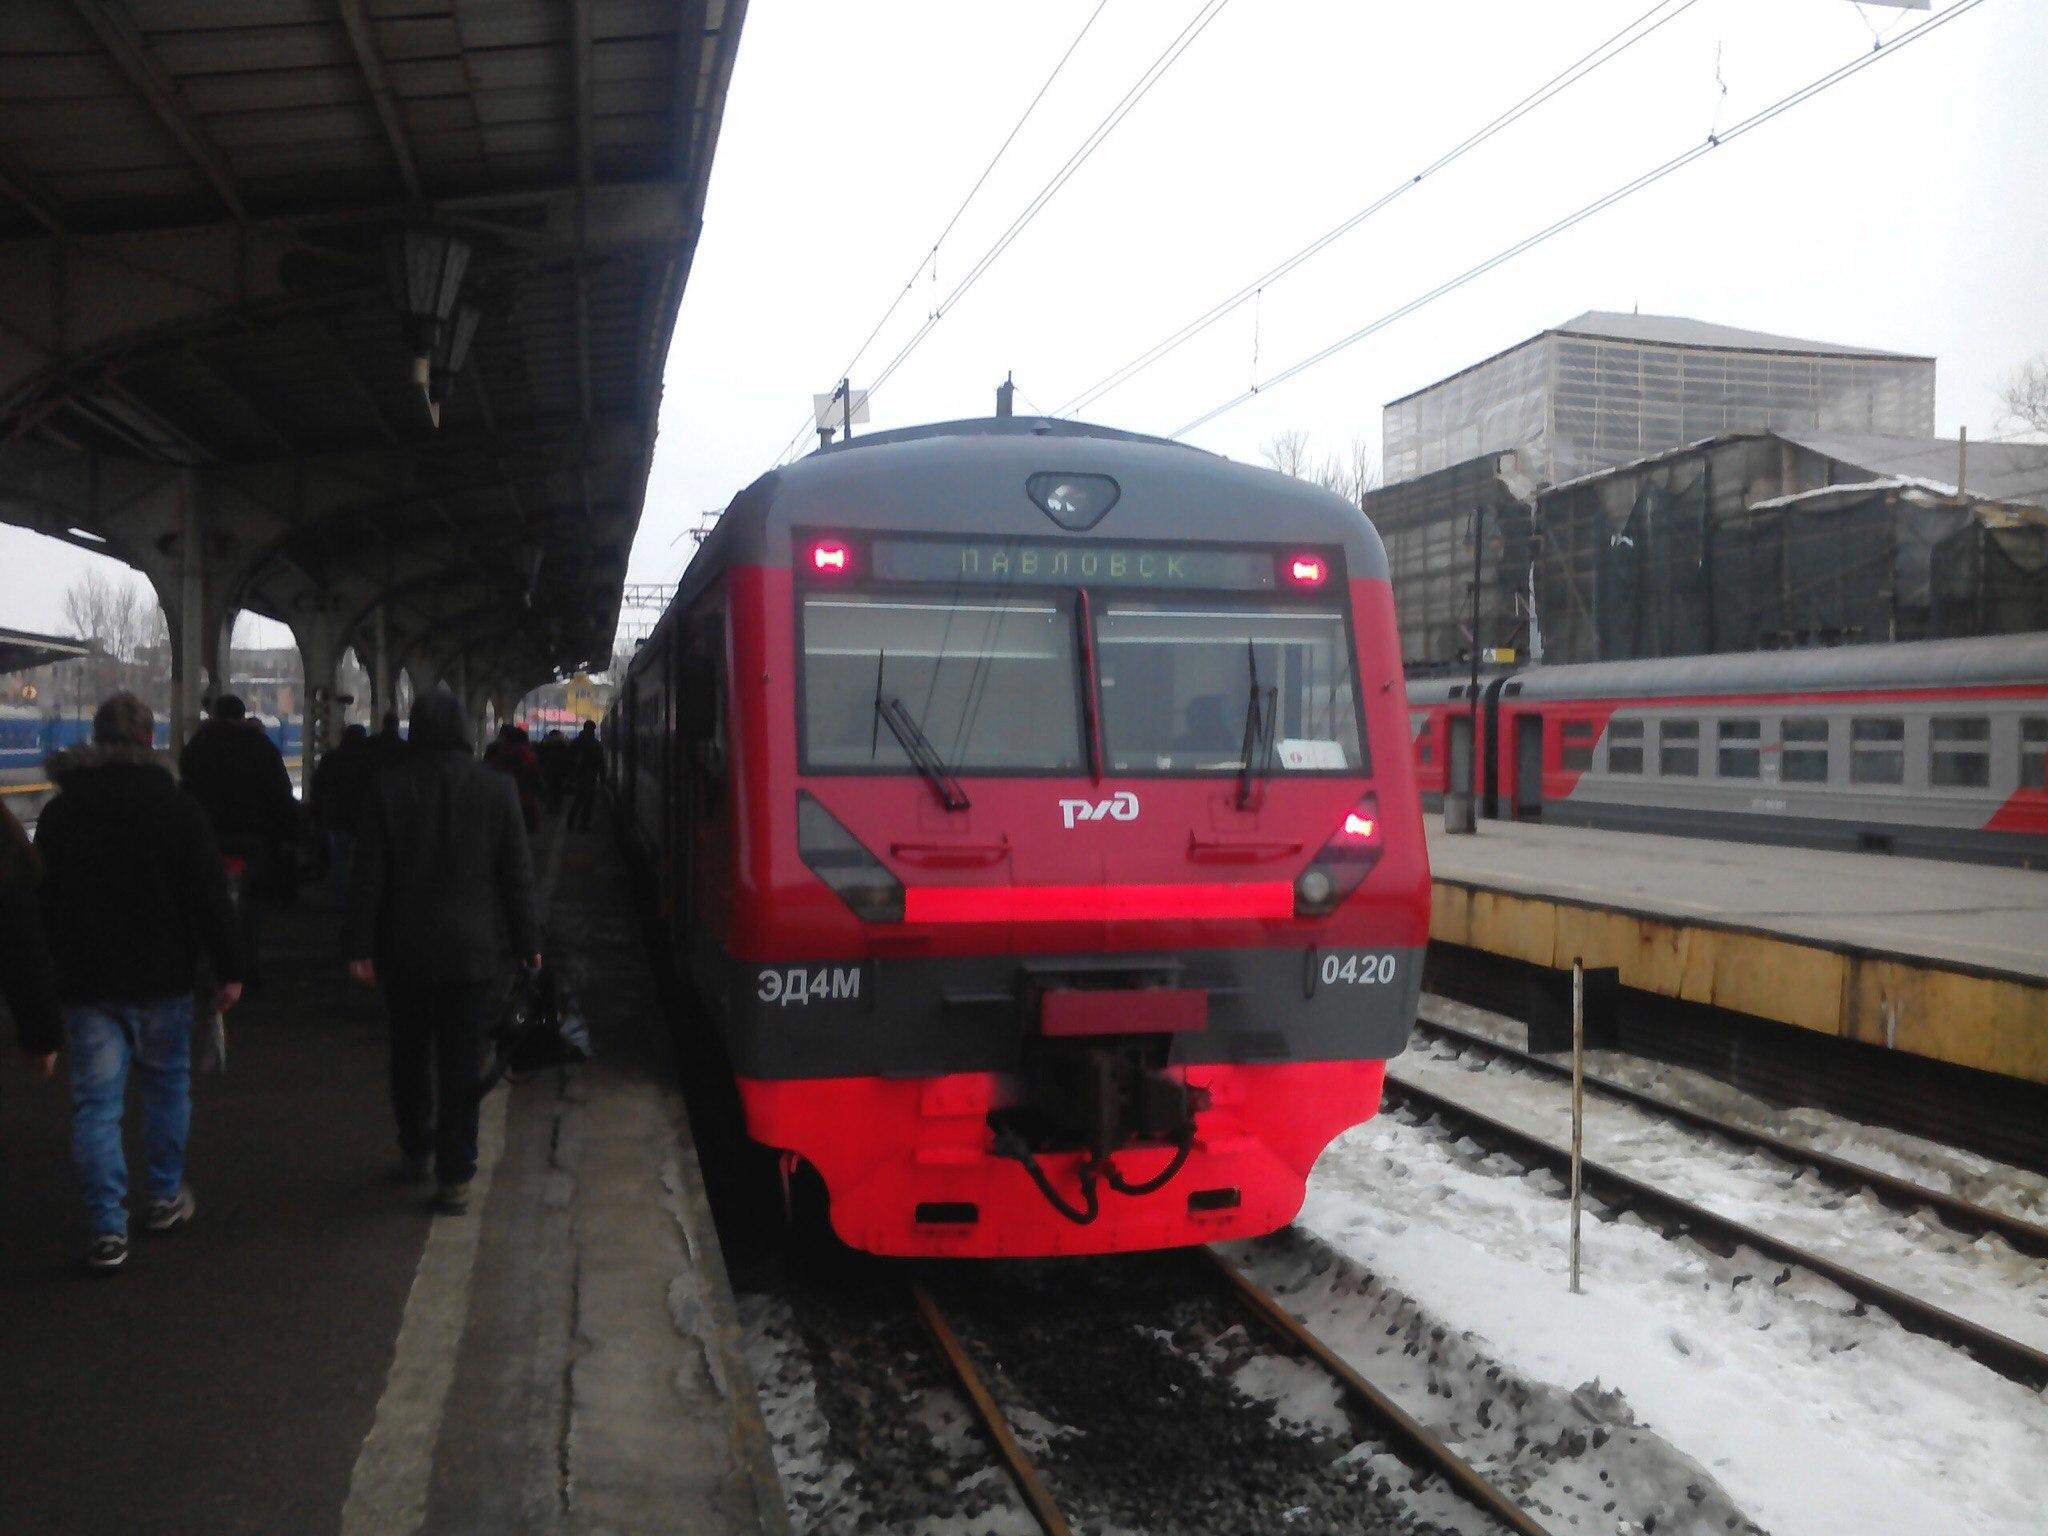 Поезд ЭД4М (0420). Источник: https://pp.userapi.com/c845324/v845324064/bec/jcRZmALs45M.jpg